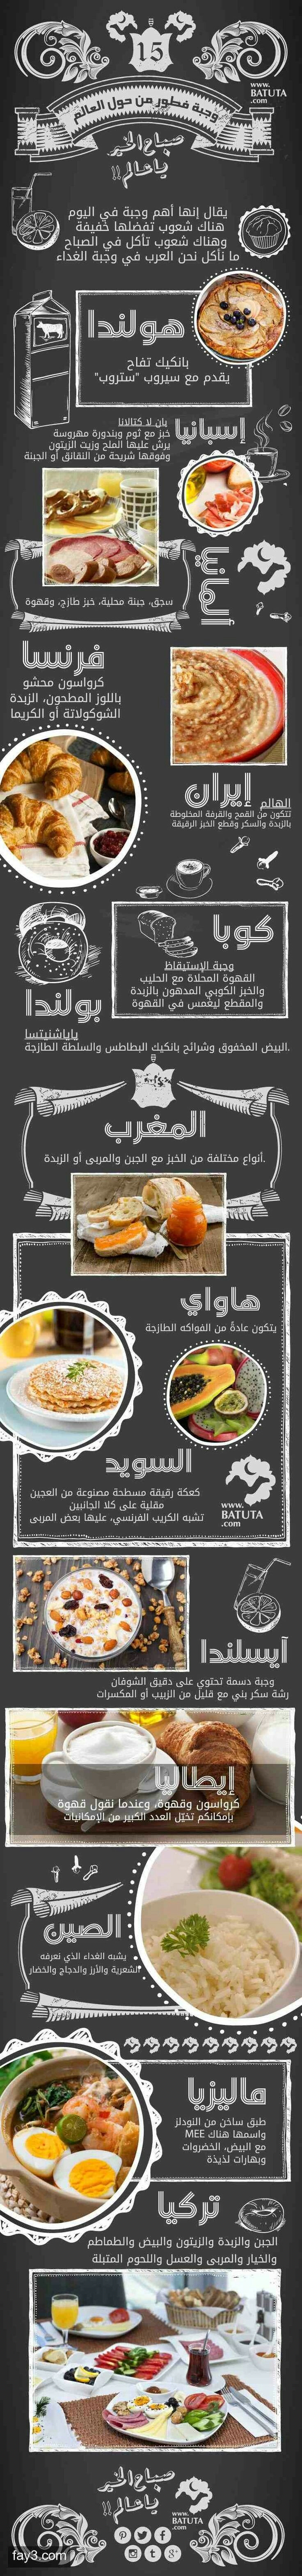 وجبات الفطور حول العالم #إنفوجرافيك